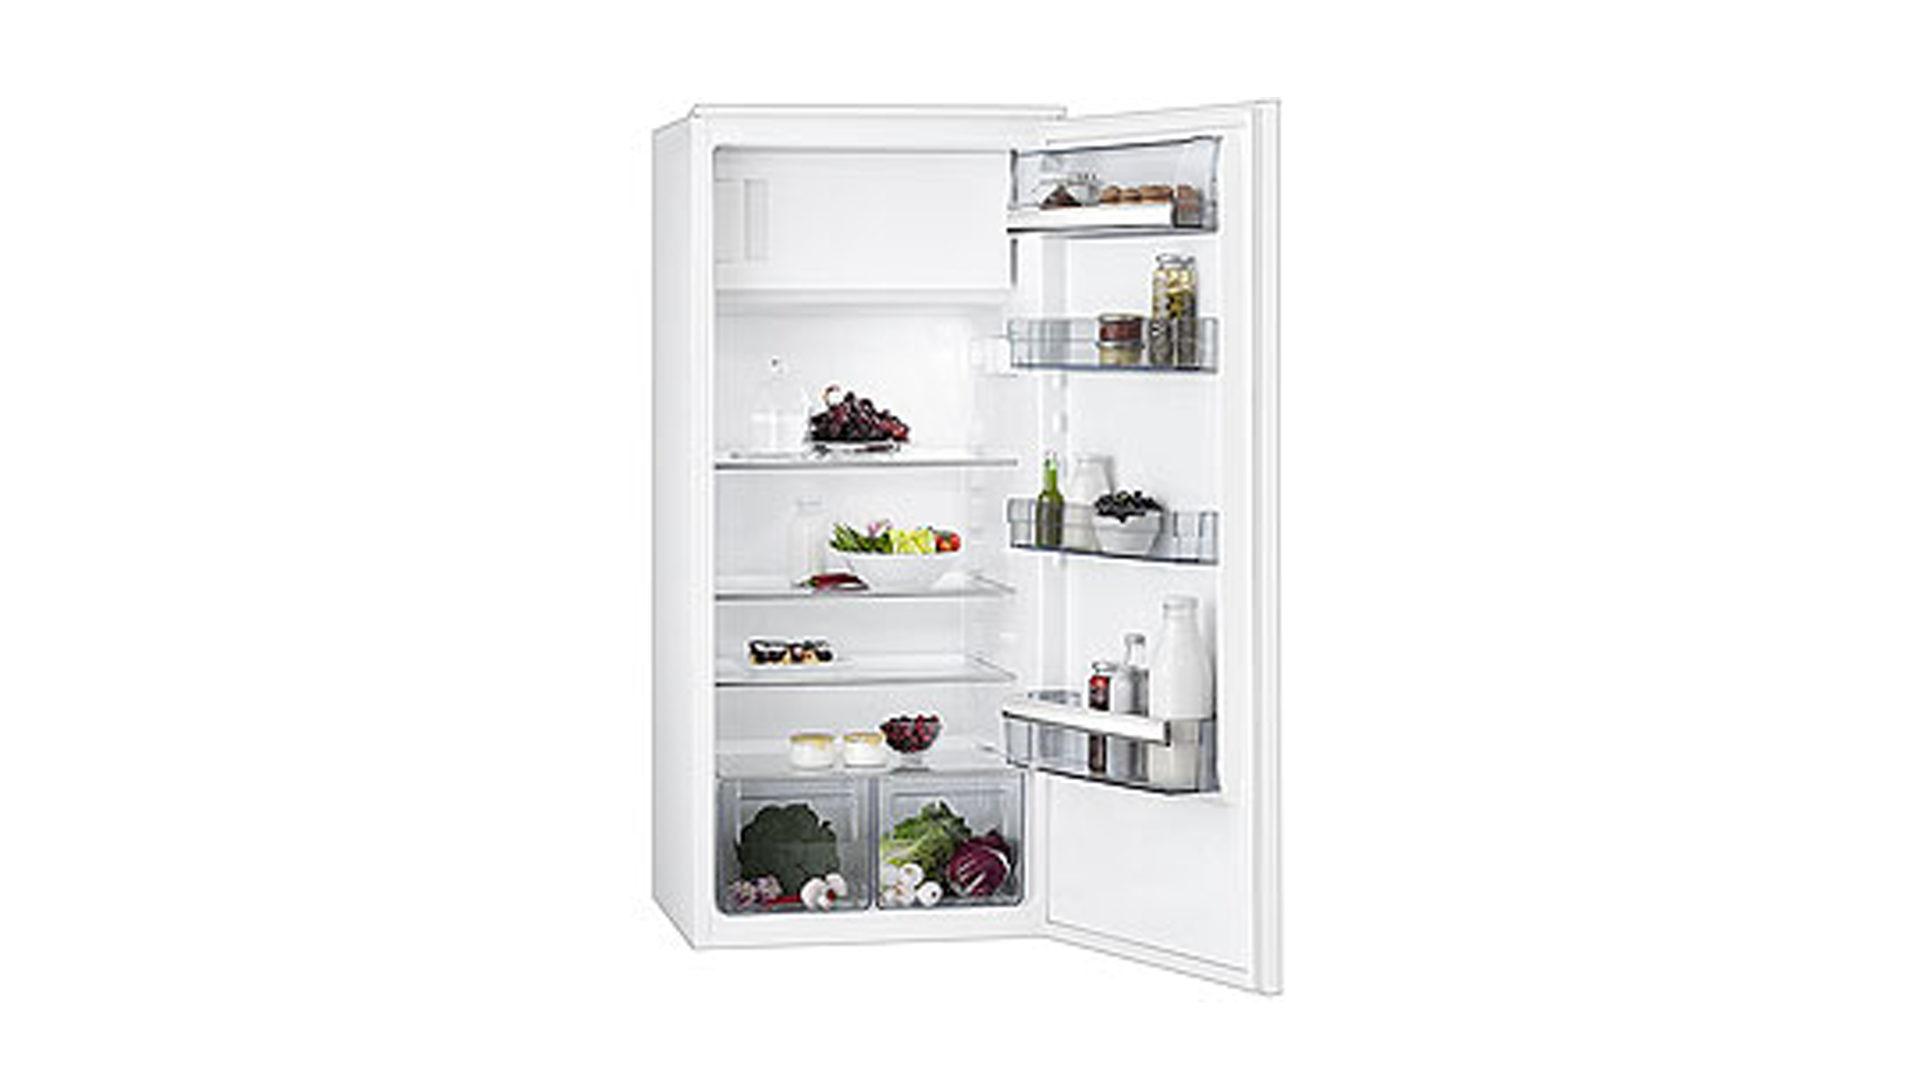 Aeg Kühlschrank Produktnummer : Hoffmann möbel guben aeg kühlschrank sd s mit gefrierfach aeg